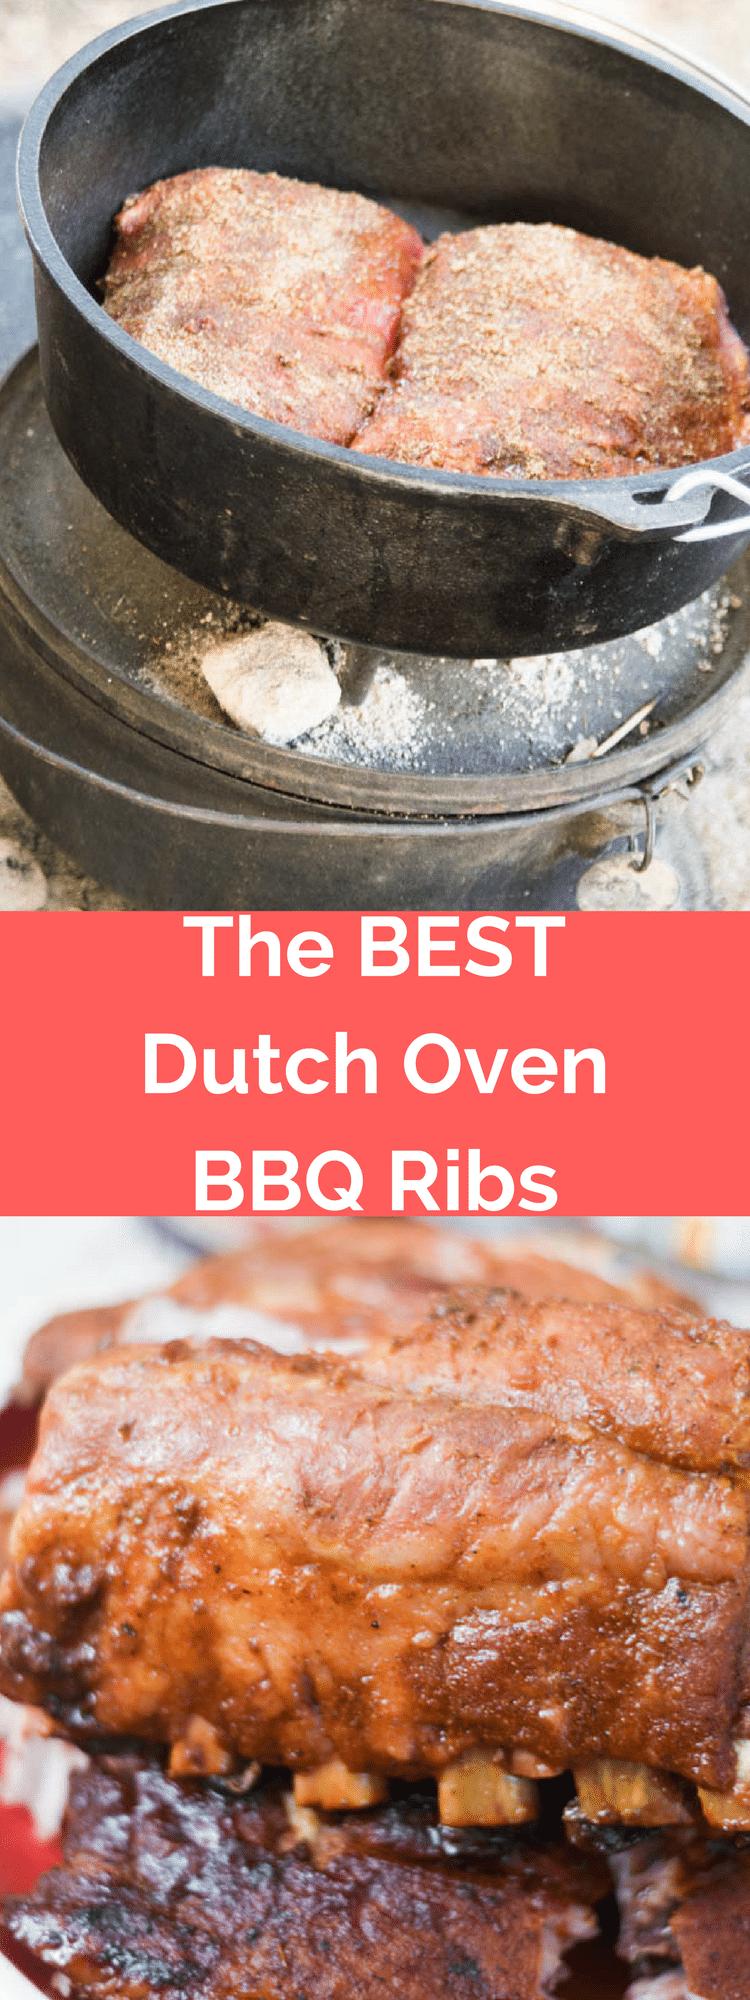 The Best Dutch Oven Ribs Recipe / Dutch Oven Ribs / Dutch Oven Baby Back Ribs / Dutch Oven BBQ Ribs / Dutch Oven Recipes / BBQ Spice Rub / Ribs Recipe / Best Ribs Recipe / Easy Ribs Recipe